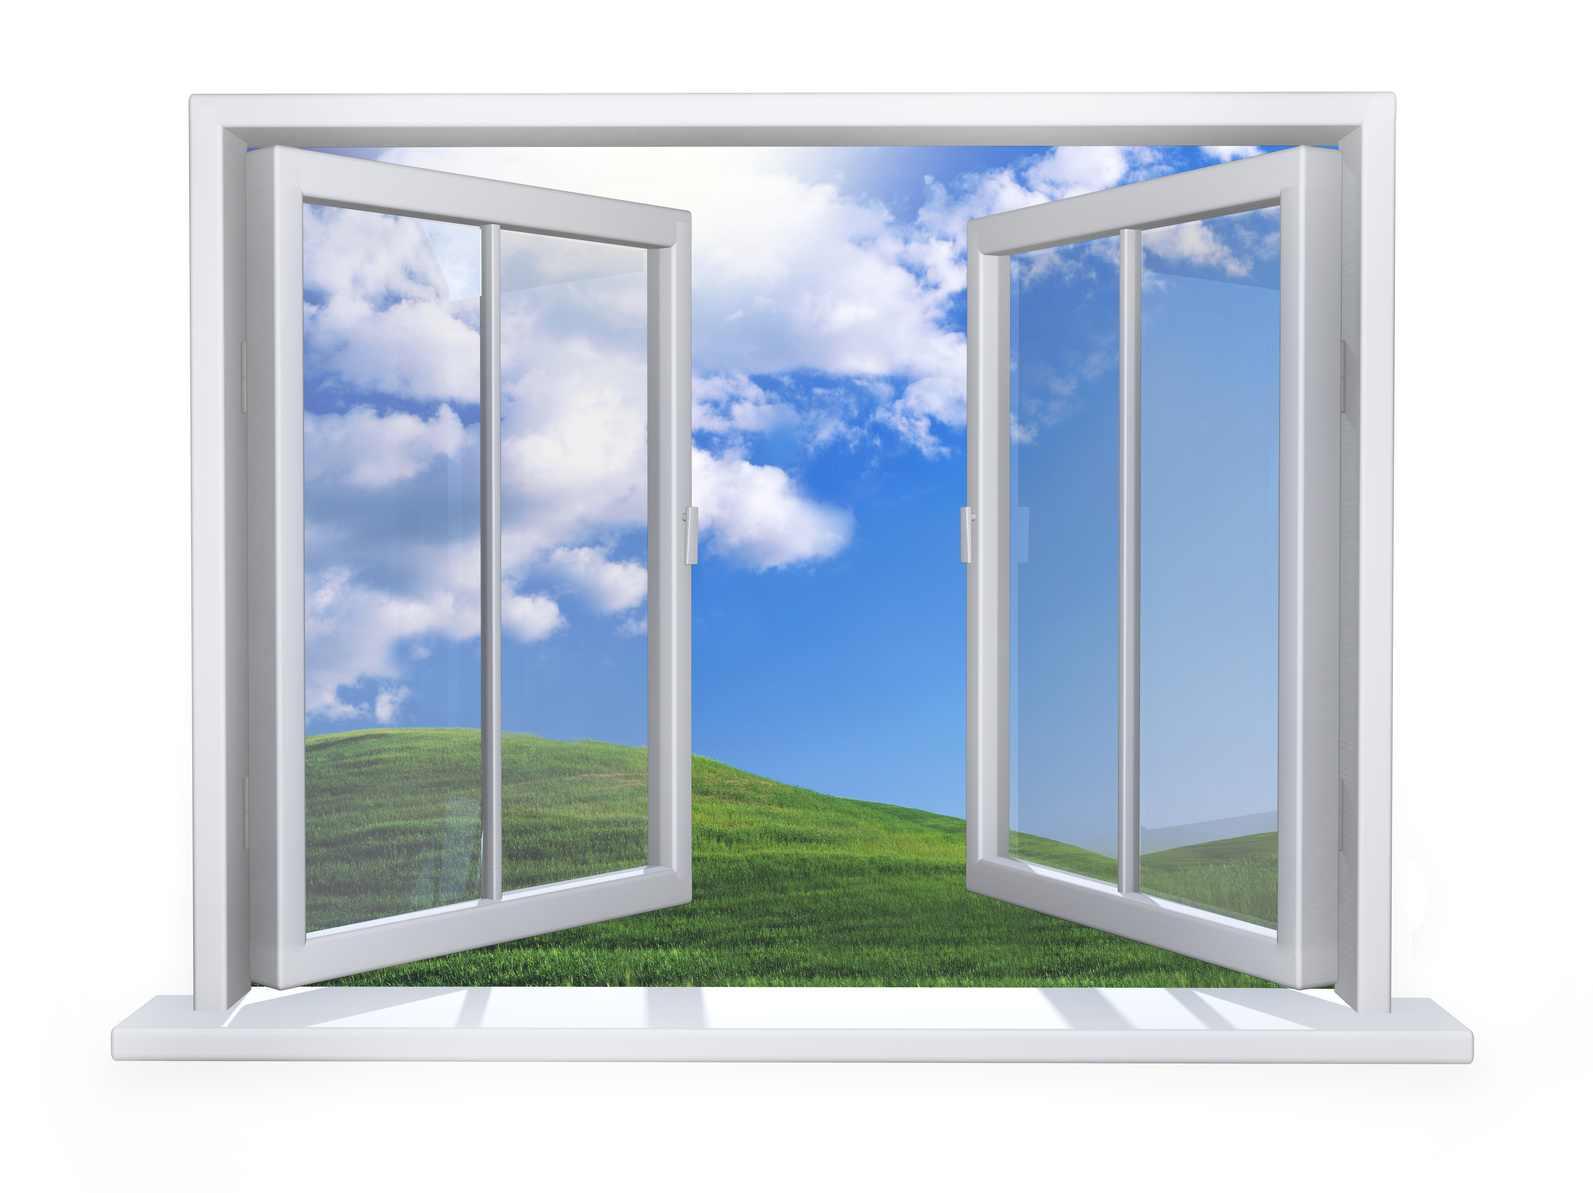 Fenster einbauservice